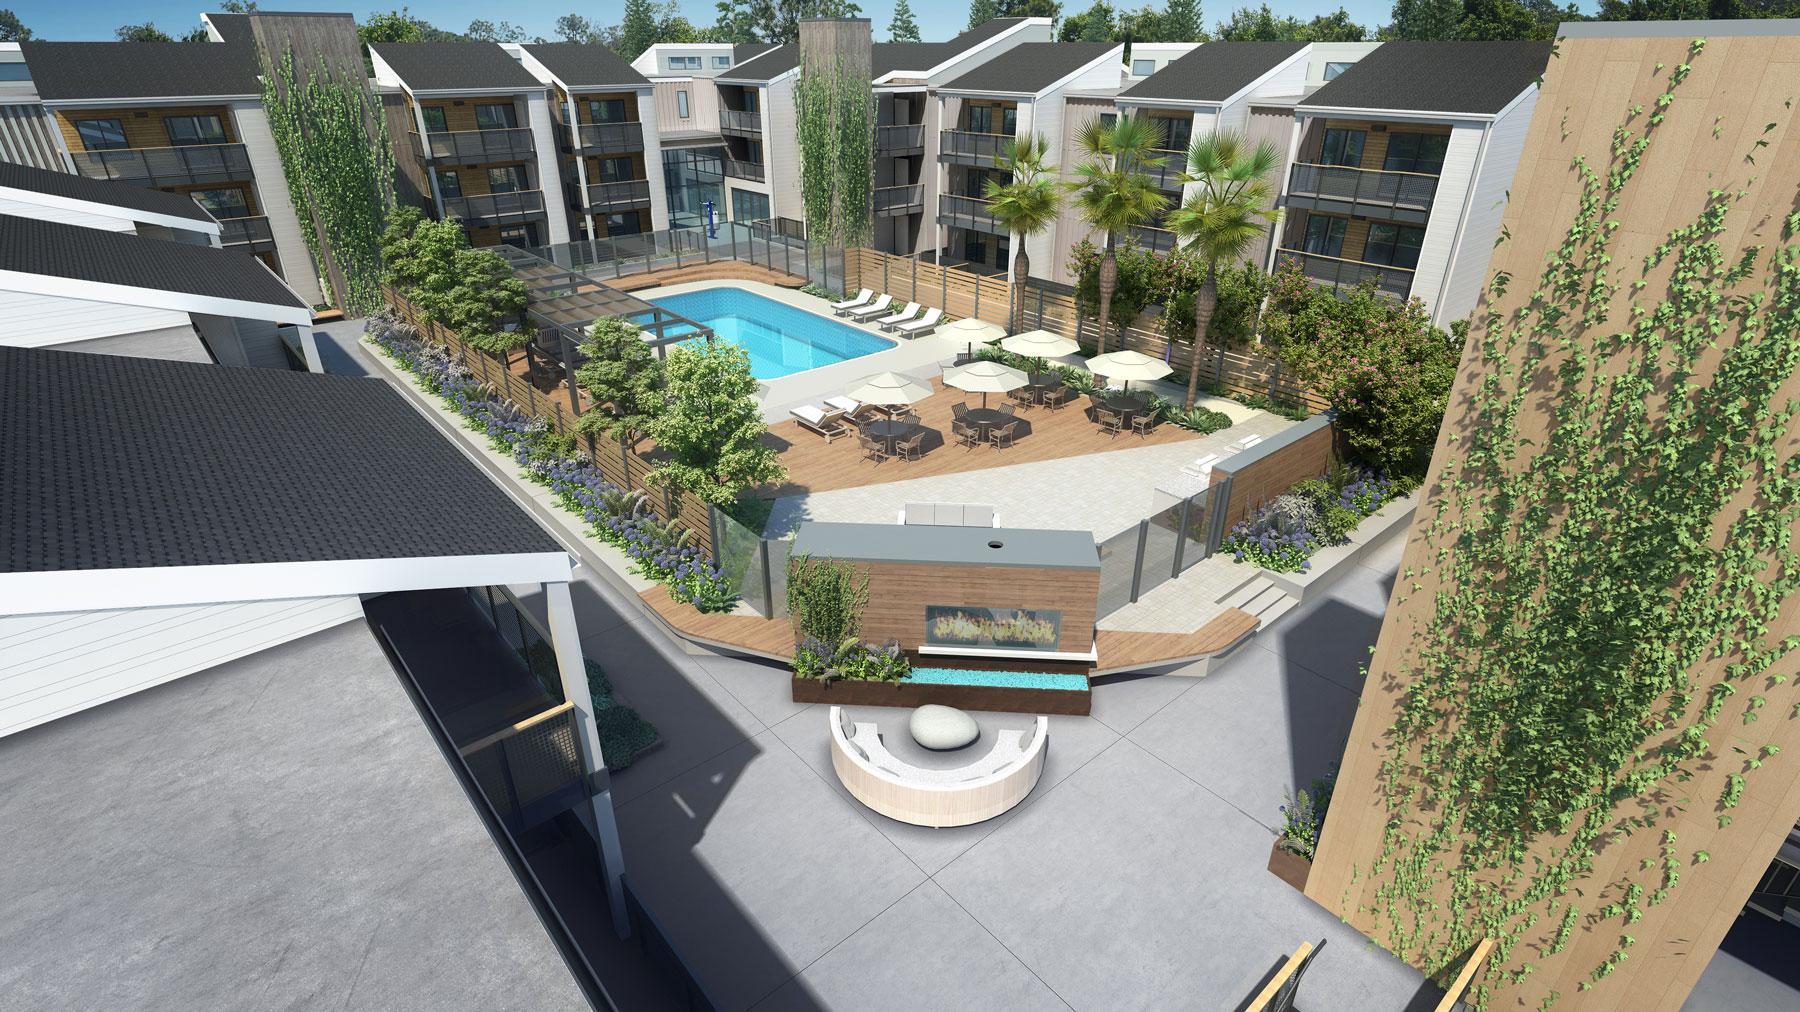 Aerial-Courtyard---no-people_edit.jpg